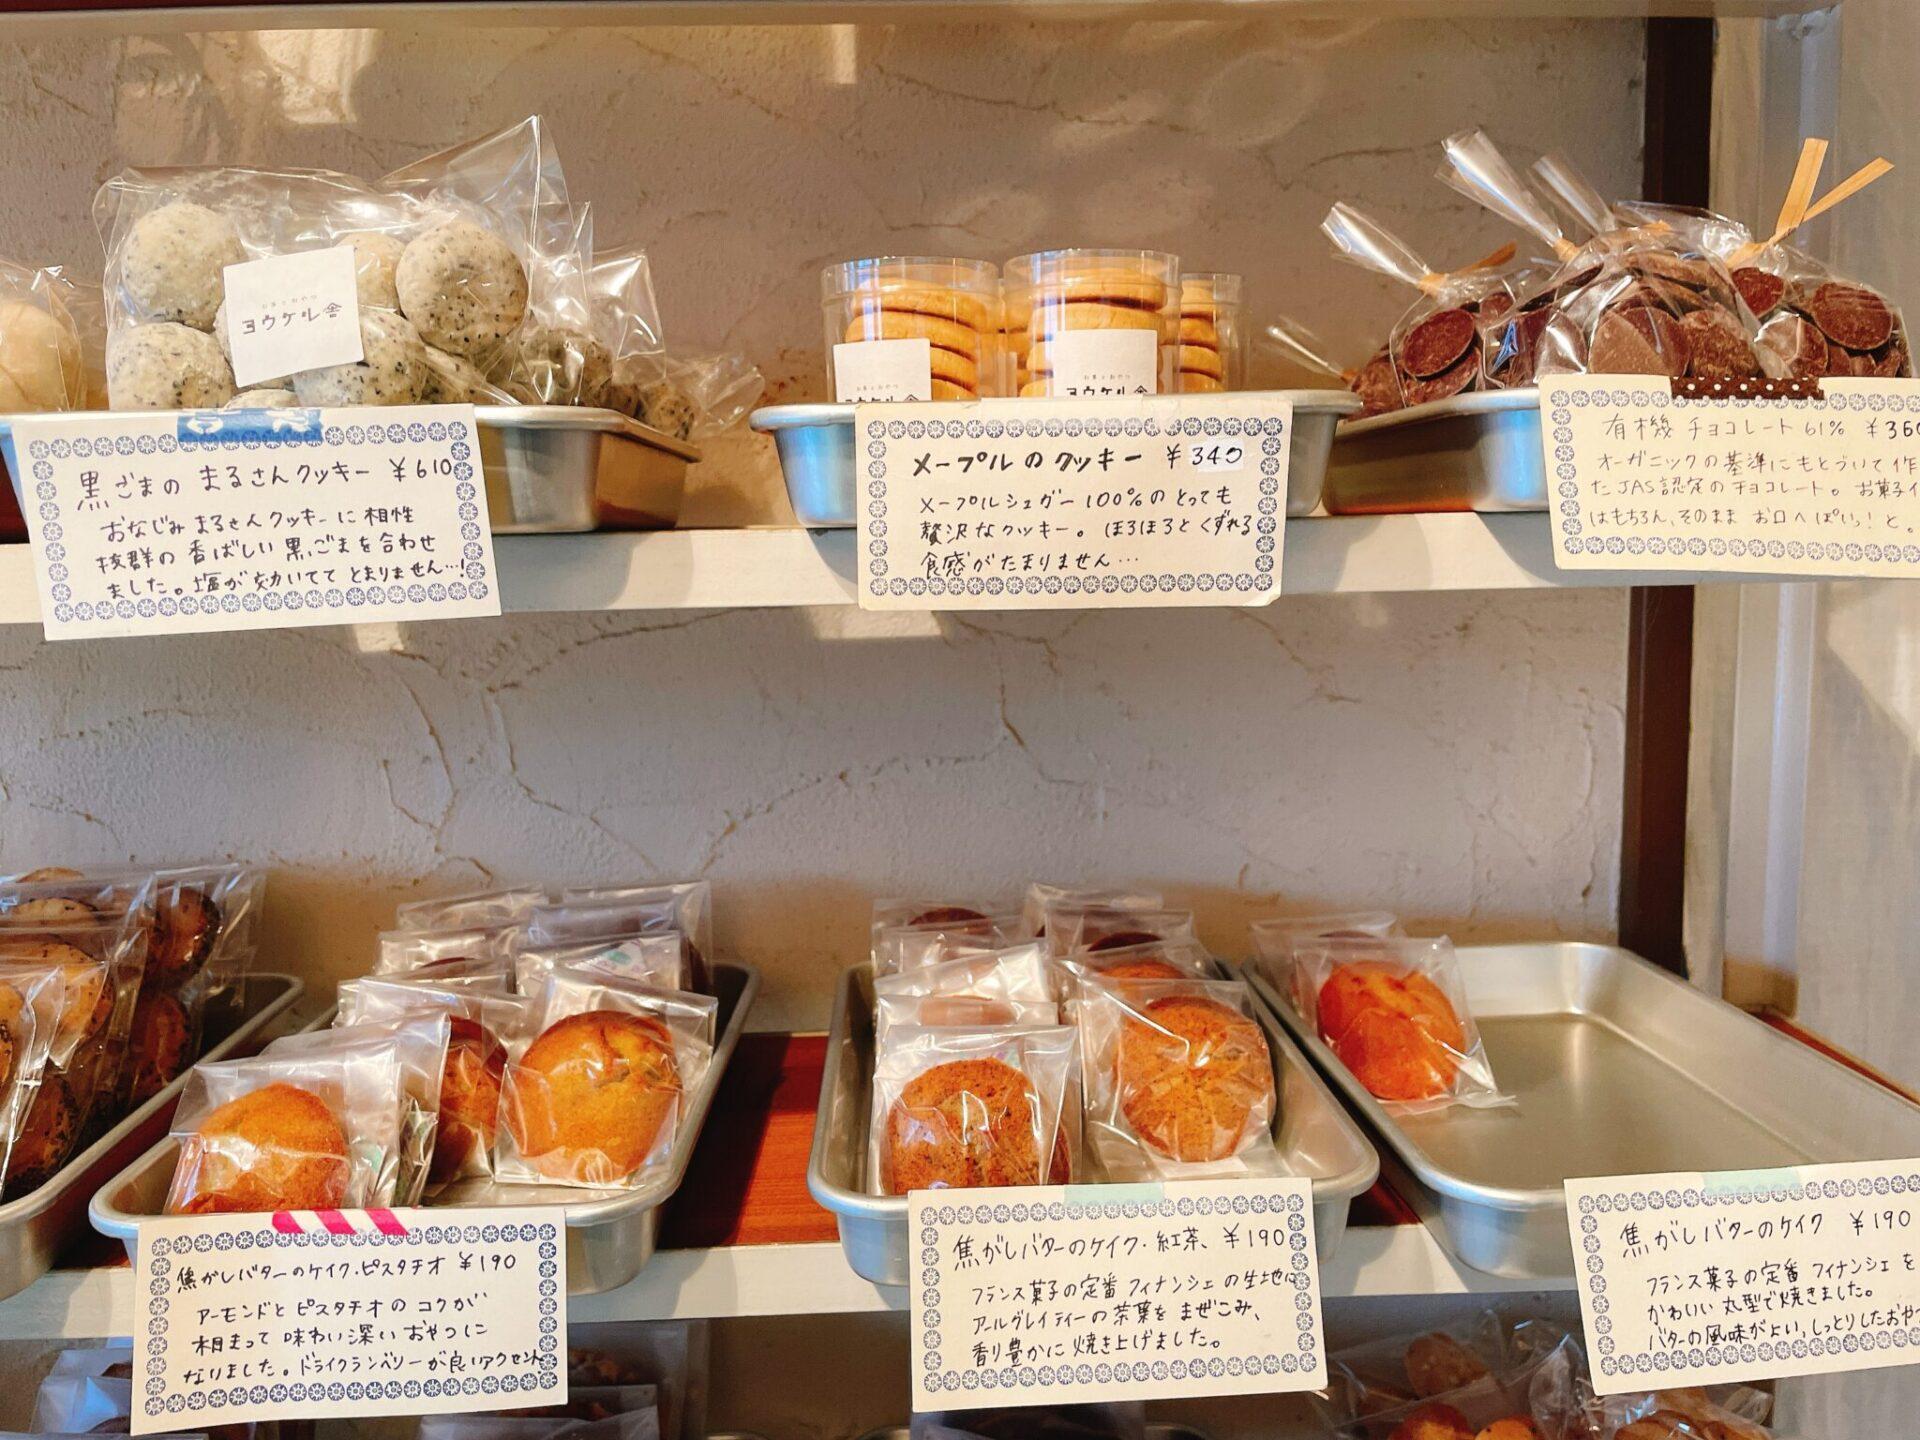 ヨウケル舎の焼き菓子・クッキー